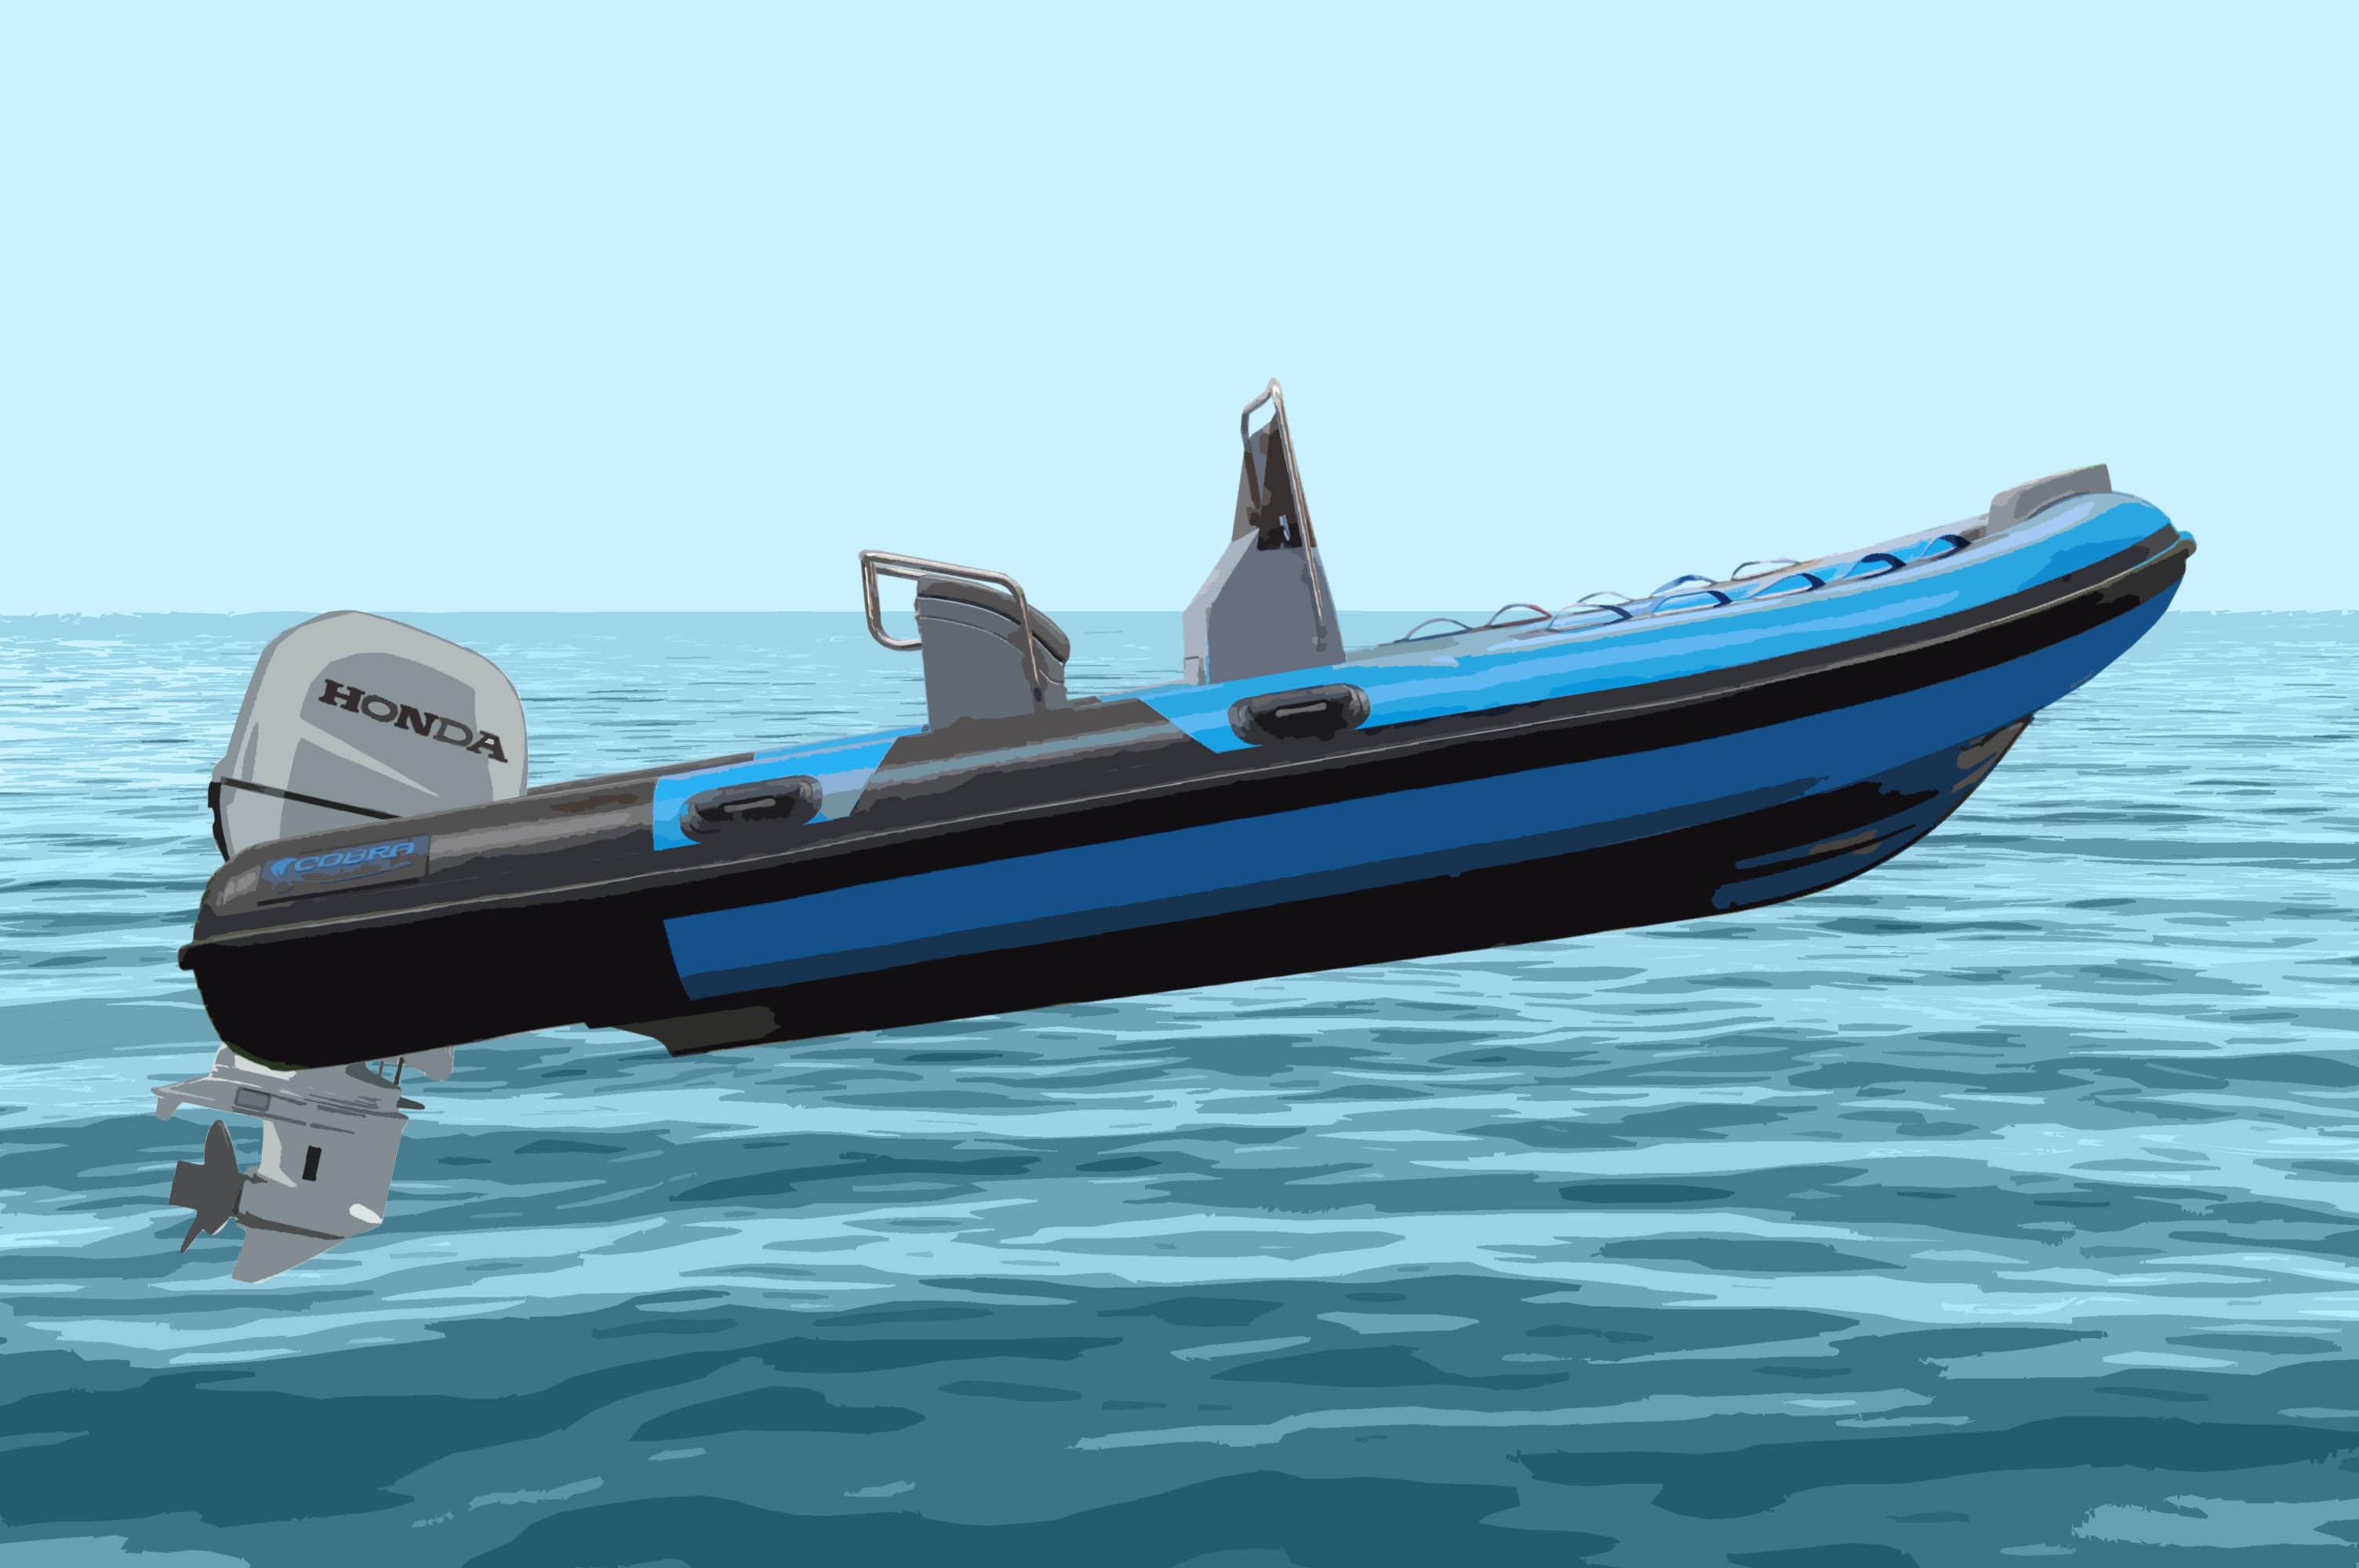 Planear con una embarcación semirrigida trim